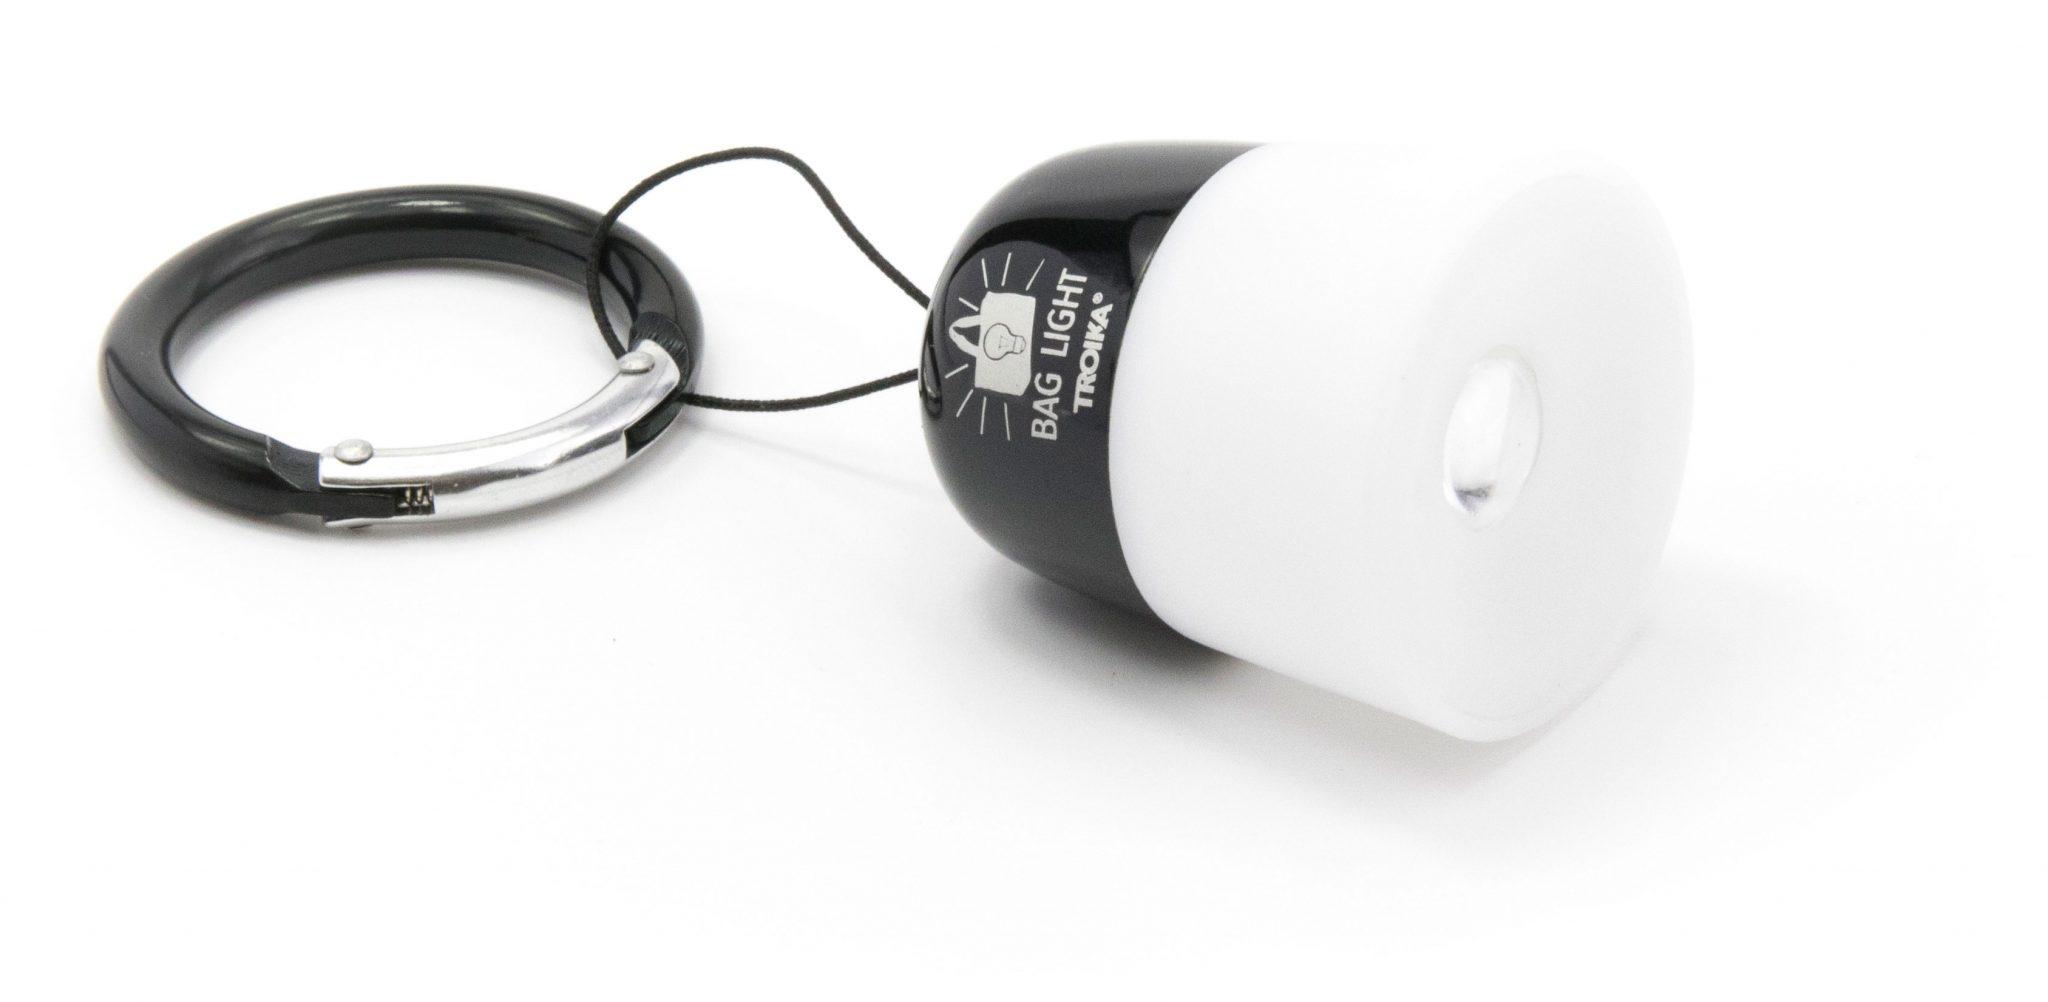 Taschenlampe Bag Light mit Logo oder Schriftzug